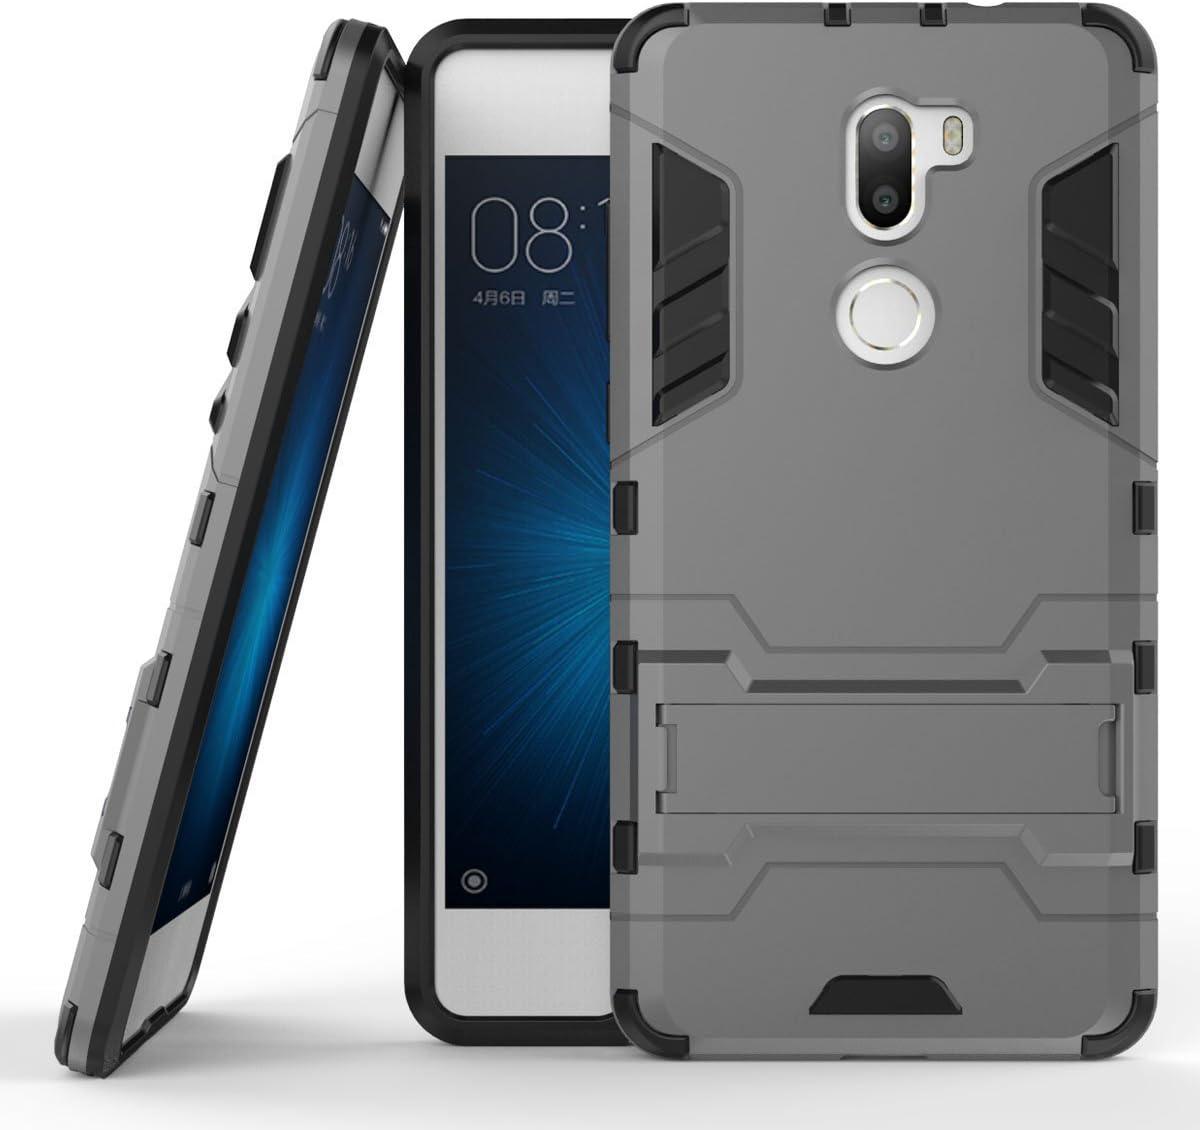 Funda para Xiaomi Mi 5S Plus (5,7 Pulgadas) 2 en 1 Híbrida Rugged Armor Case Choque Absorción Protección Dual Layer Bumper Carcasa con Pata de Cabra (Gris)